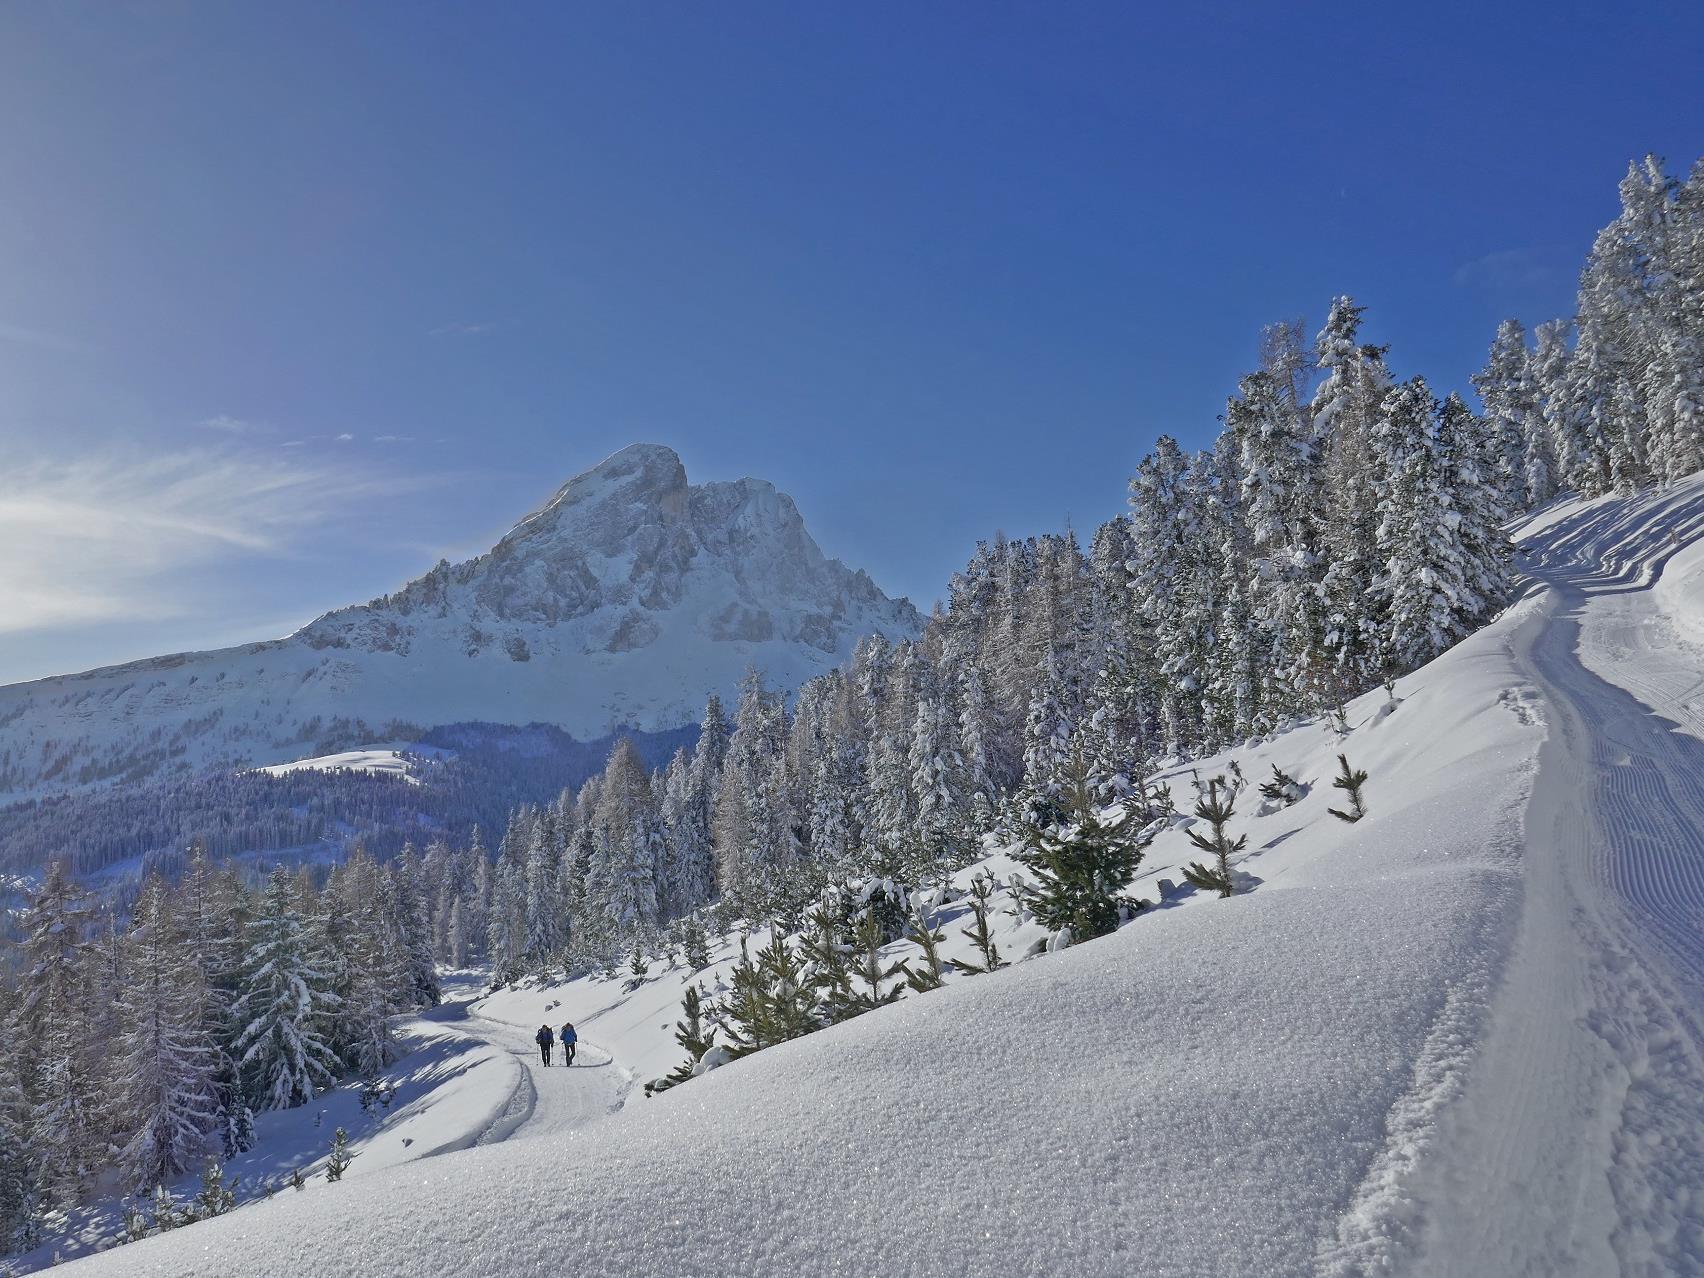 Leichte Schneeschuhwanderung am Fusse des Peitlerkofels